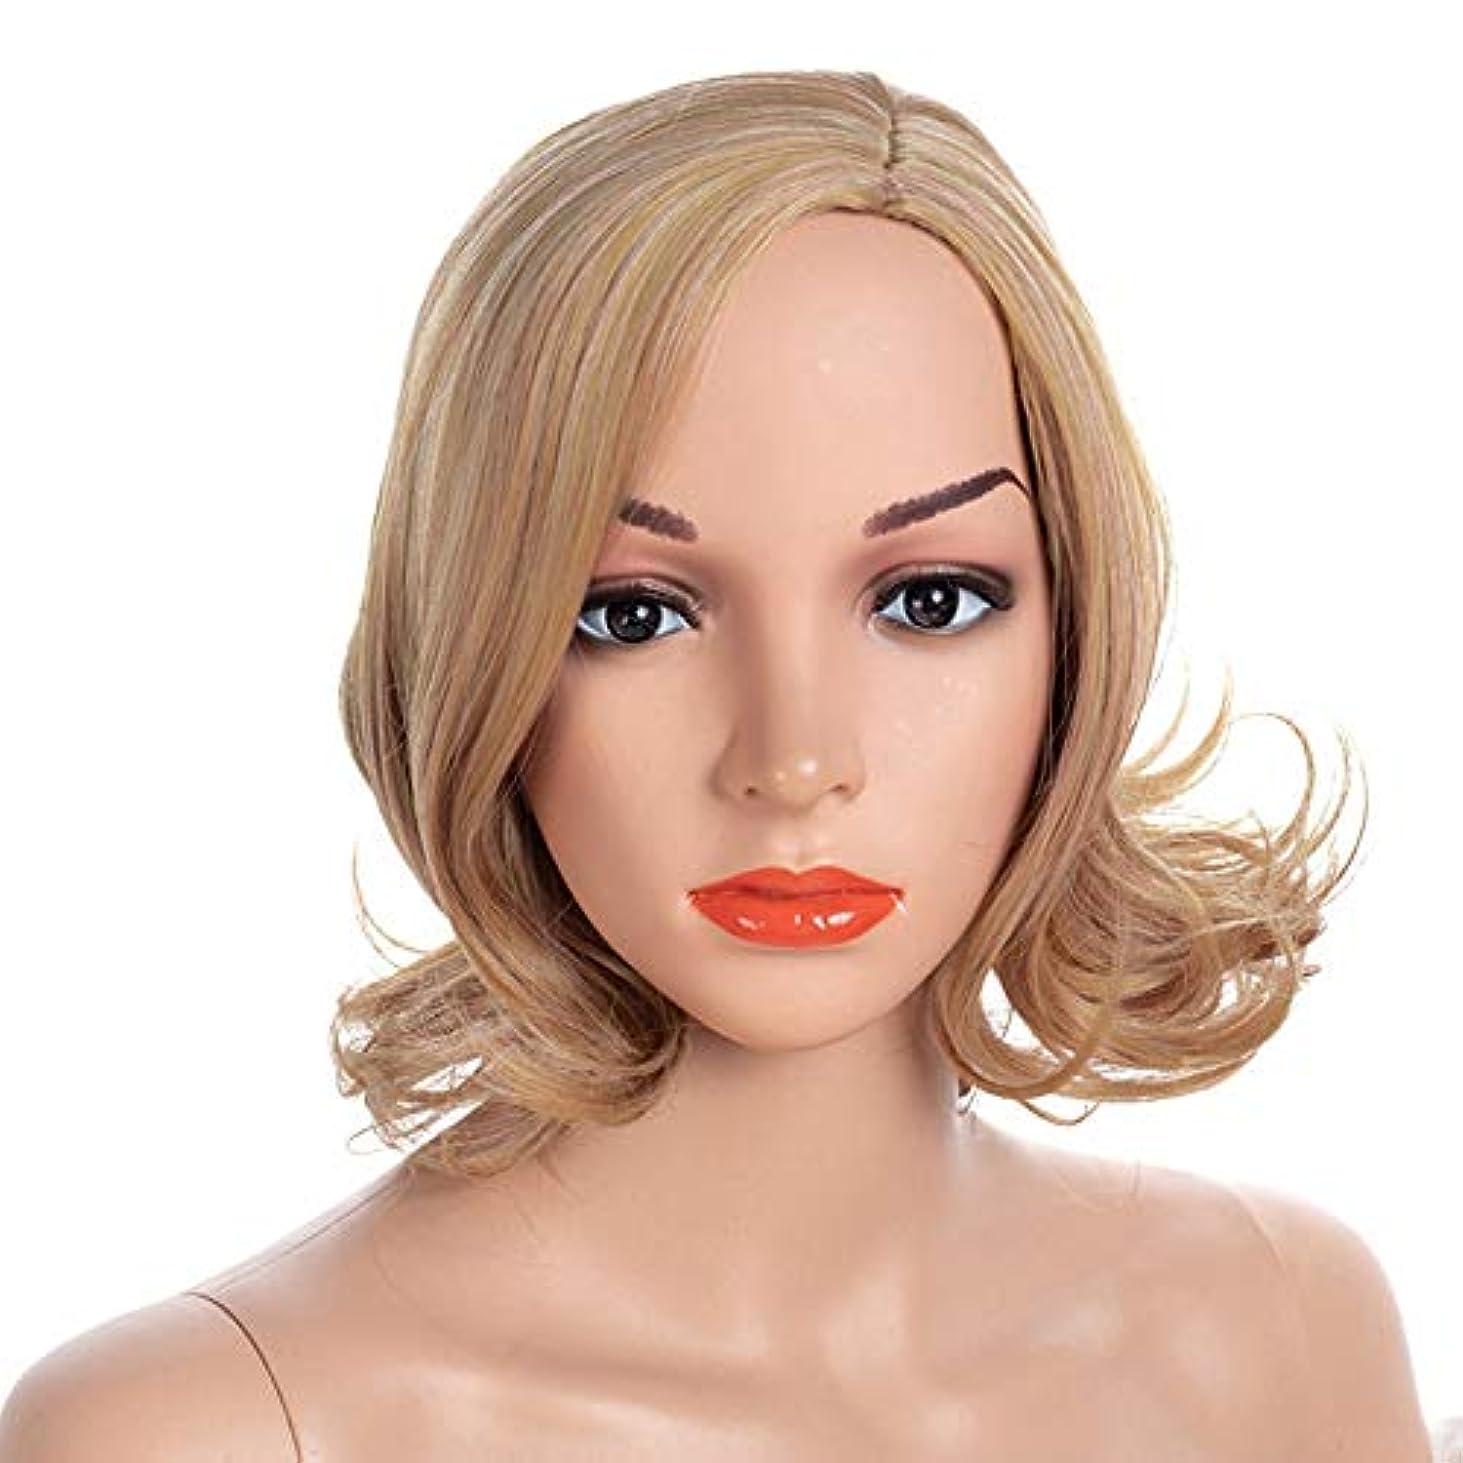 与えるもう一度クスコYOUQIU 女子ショートカーリーブロンドのかつらメッシー美容ショートウィッグCospalyパーティーウィッグ (色 : Blonde, サイズ : 40cm)